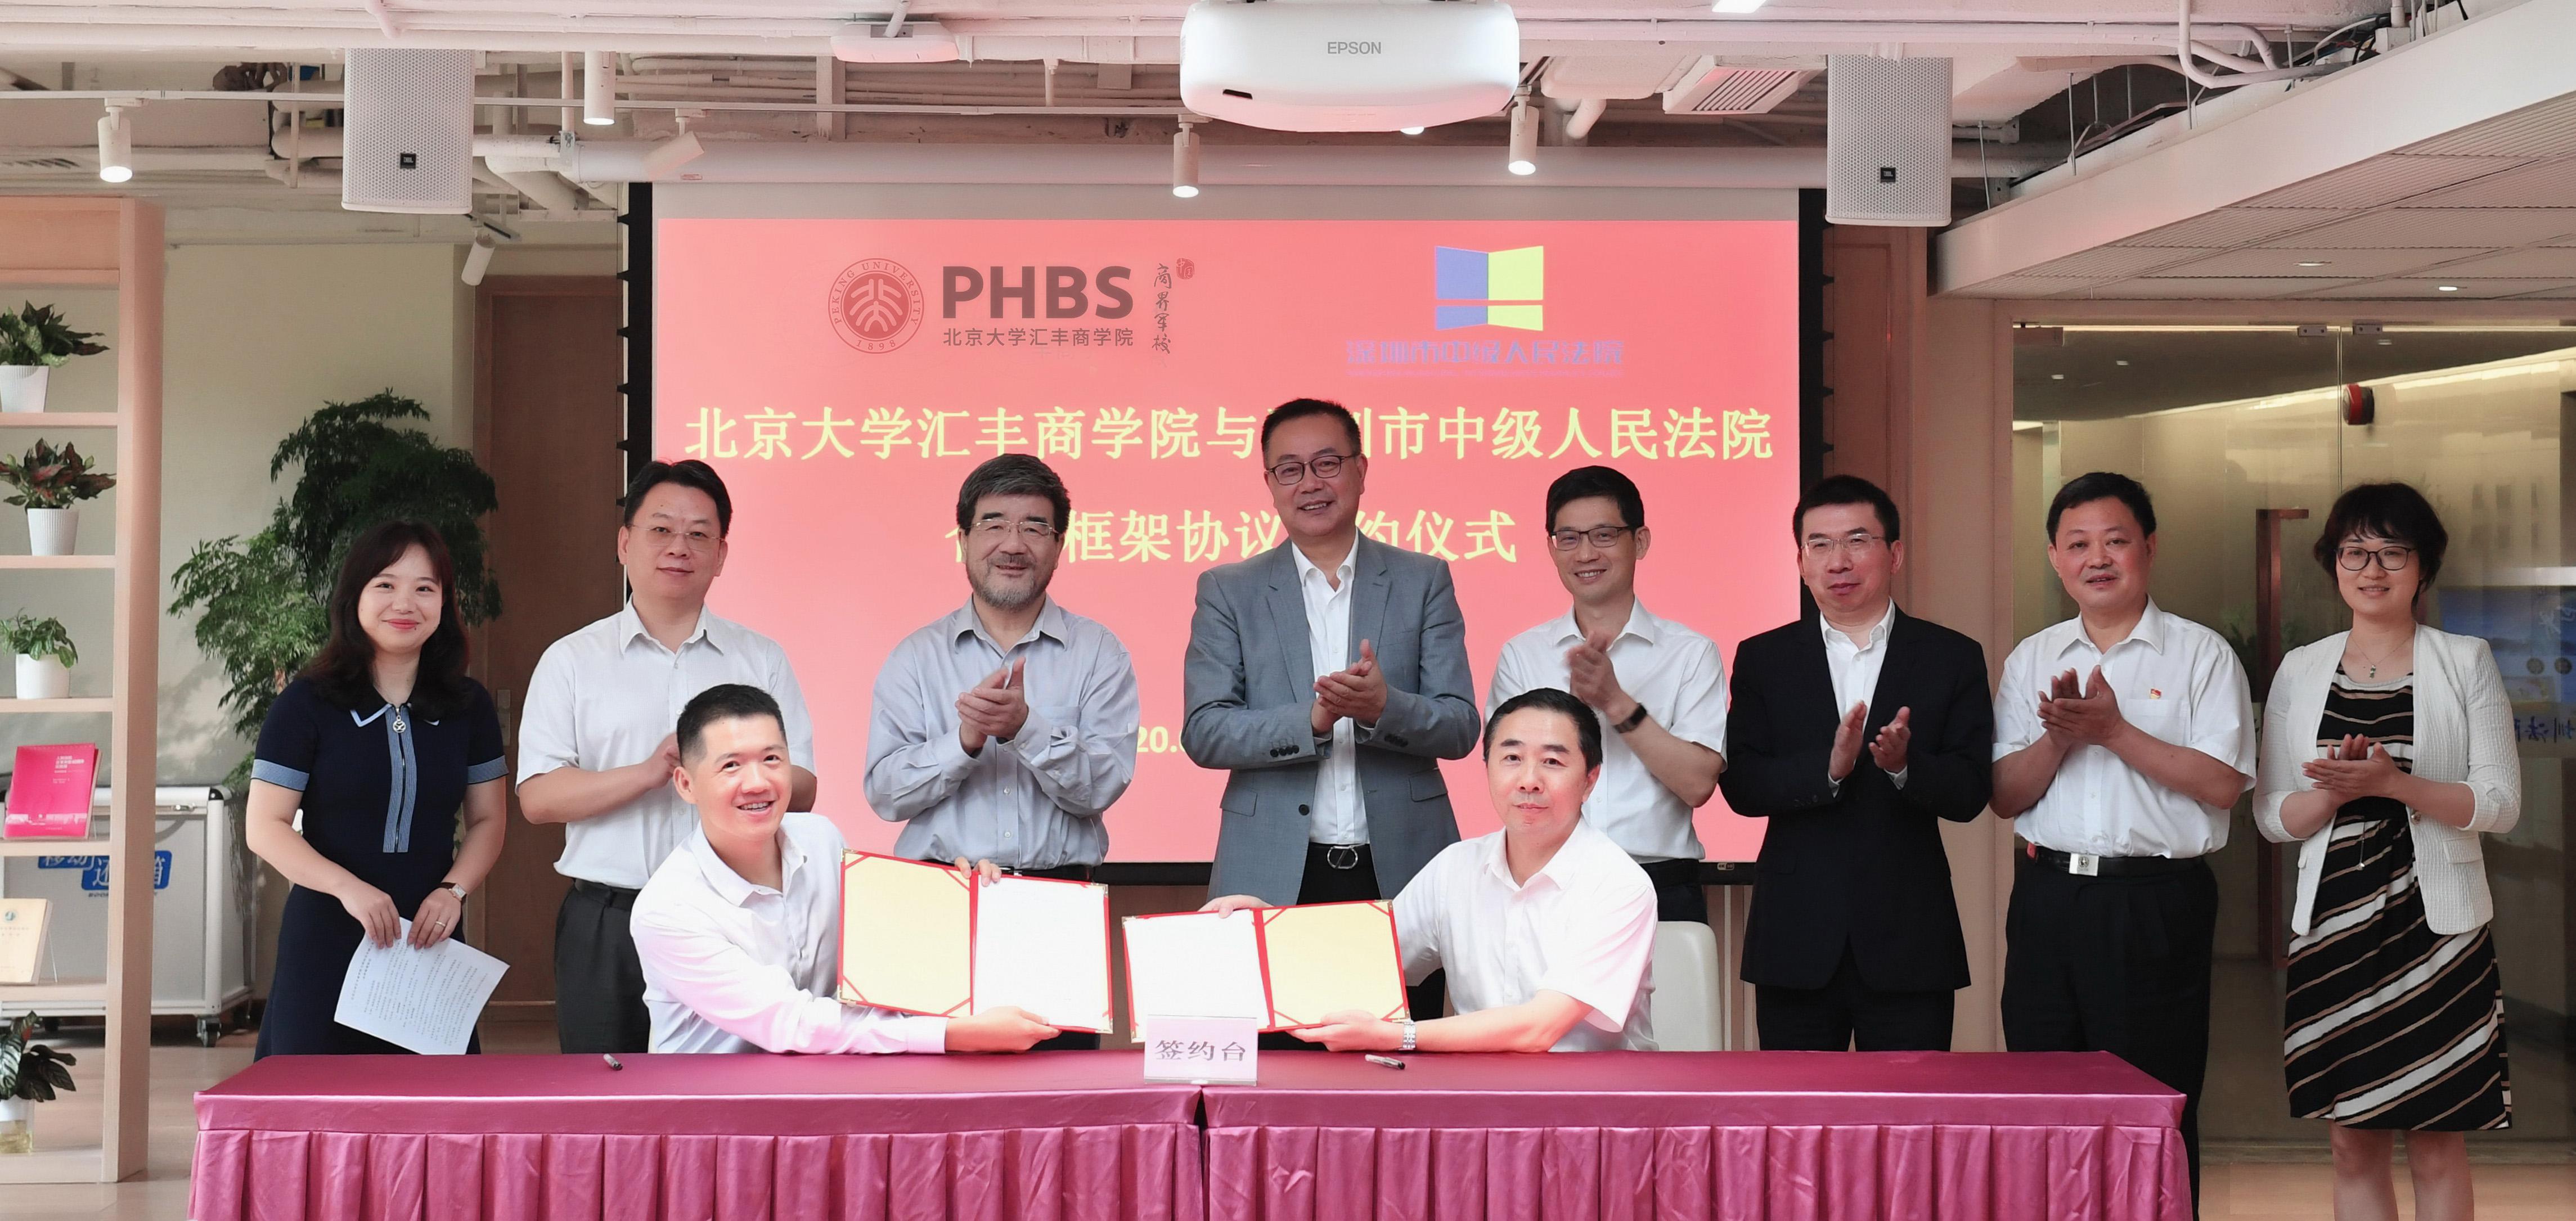 北京大学汇丰商学院与深圳市中级人民法院签署合作协议